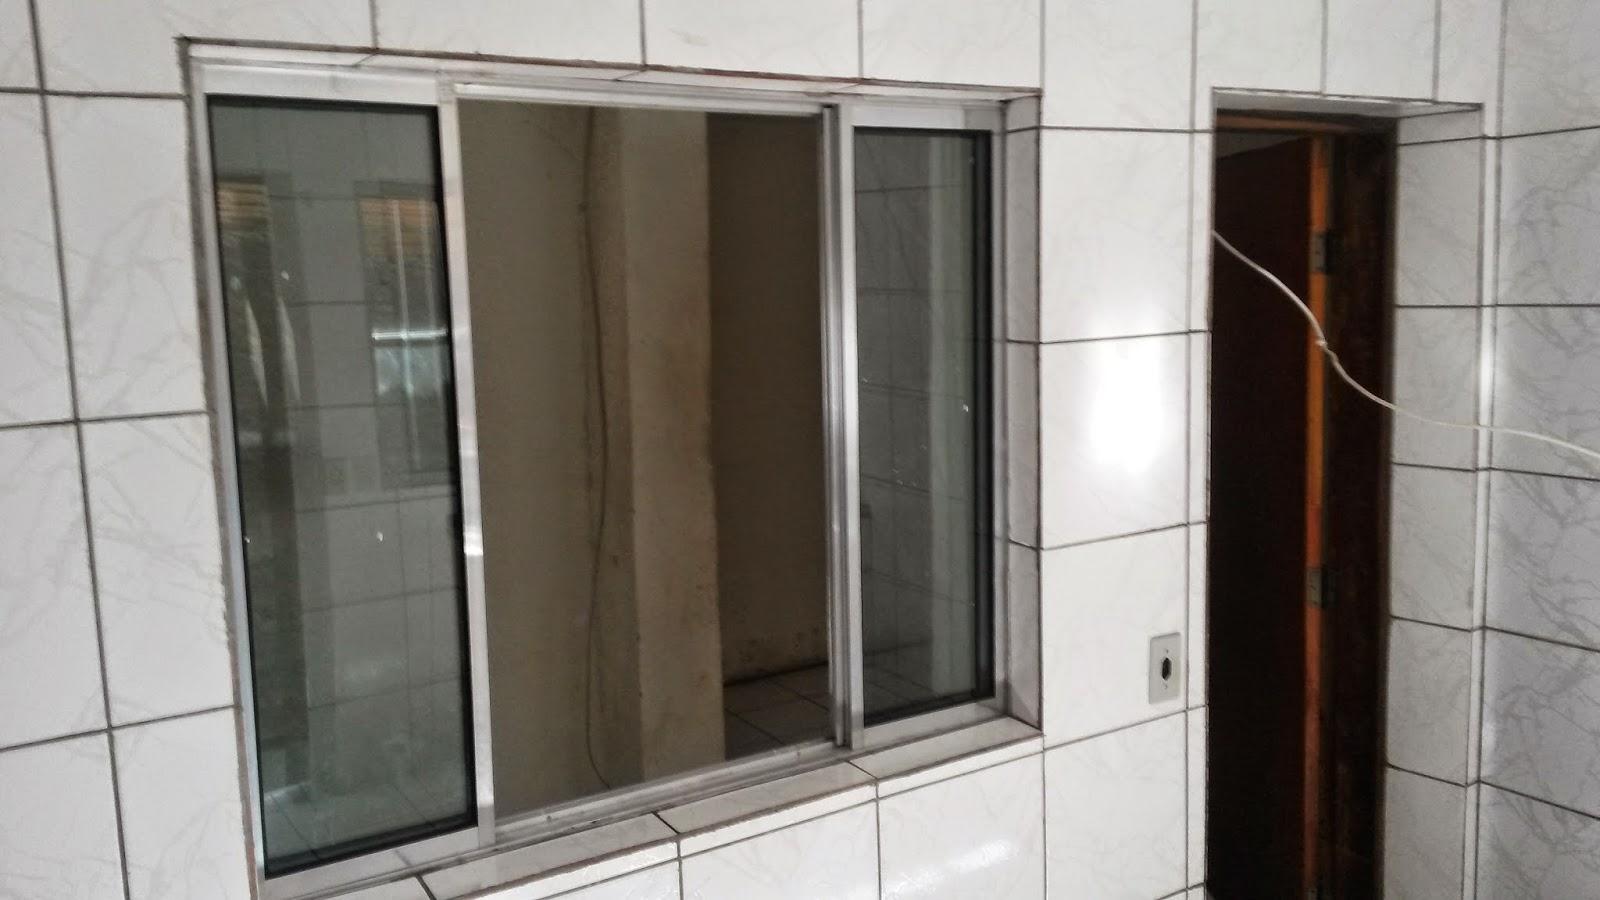 Aluga Se American Polis 1 Quarto Cozinha Imobiliaria Jabaquara -> Quarto Sala Cozinha E Banheiro Para Alugar Em Sp